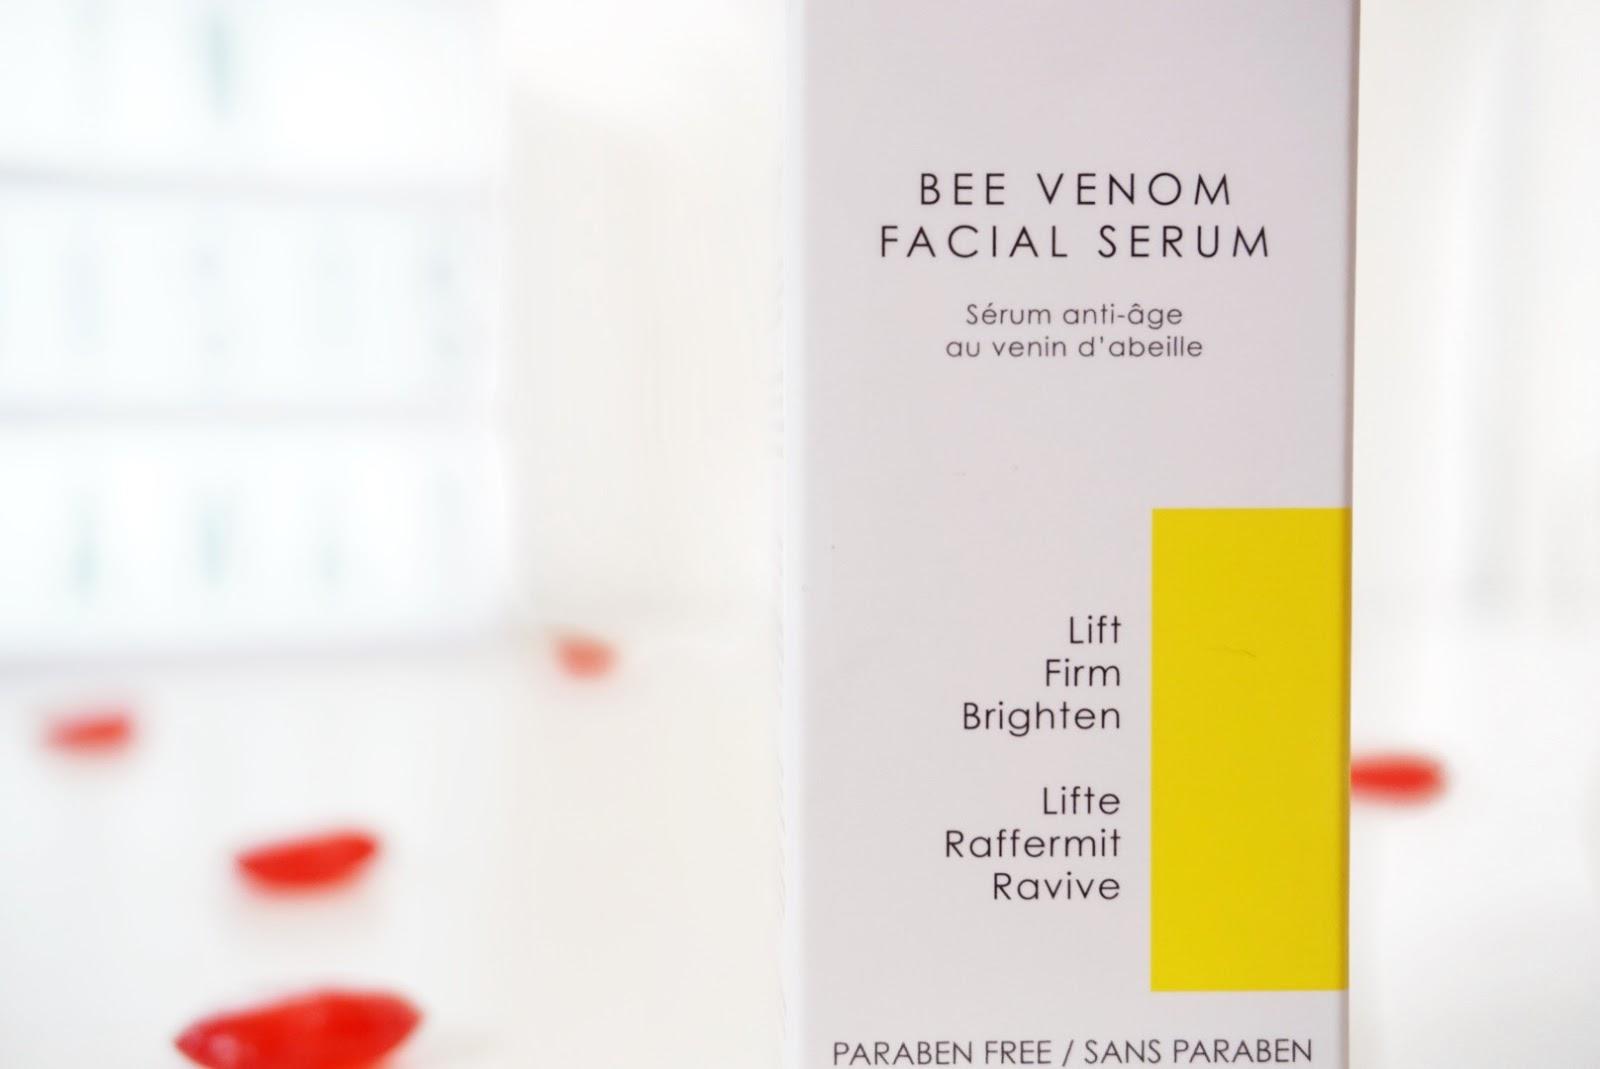 Skinchemists Bee Venom Facial Serum Packaging